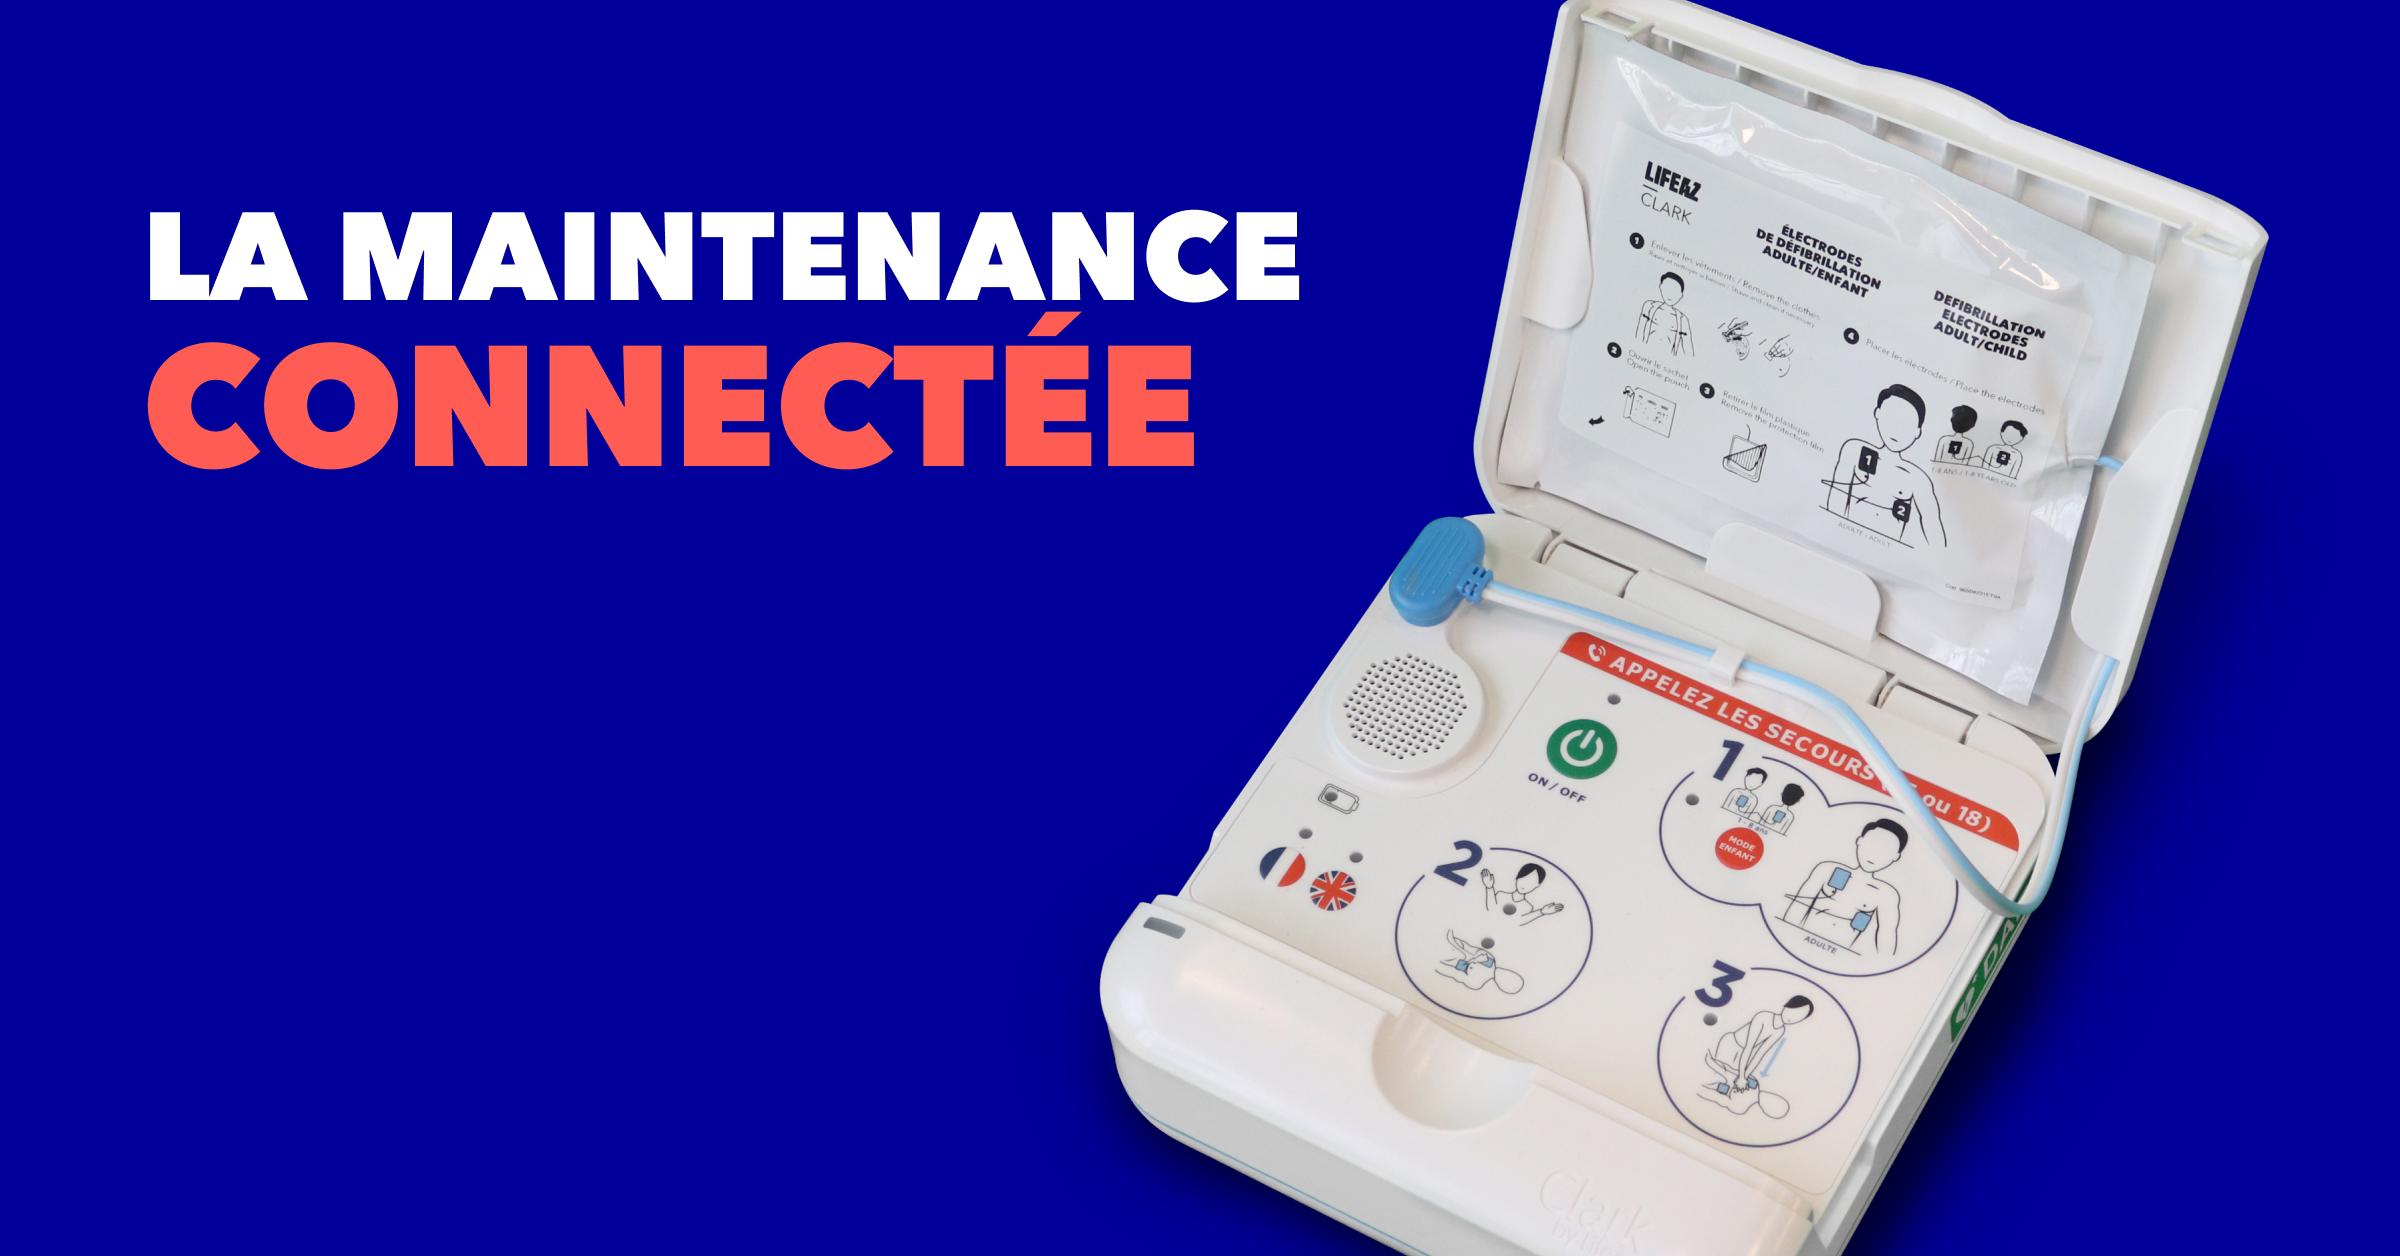 Un défibrillateur connecté pour une maintenance simplifié